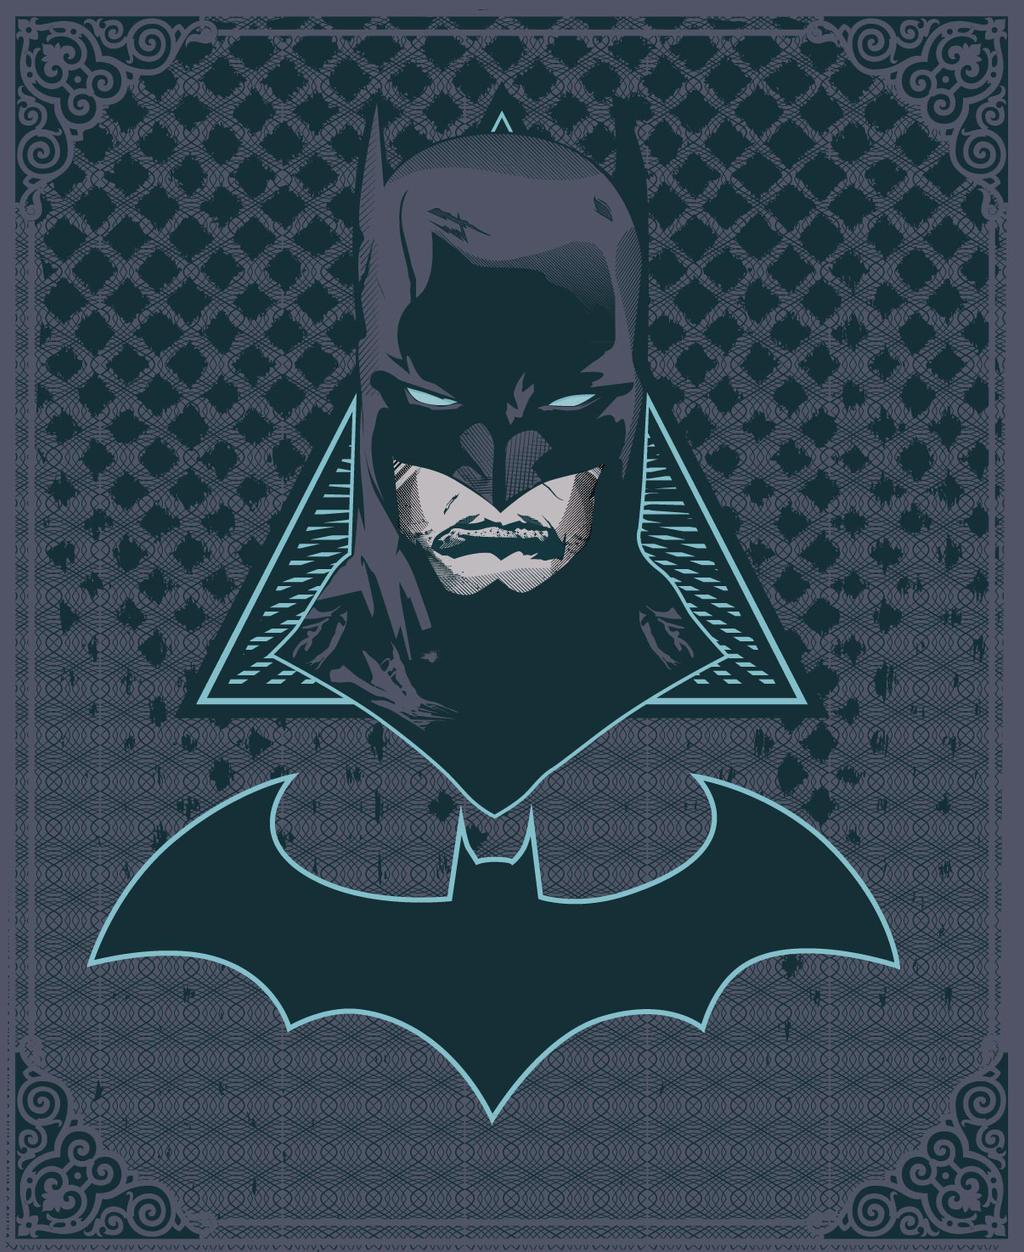 The Dark Knight by jdarko82